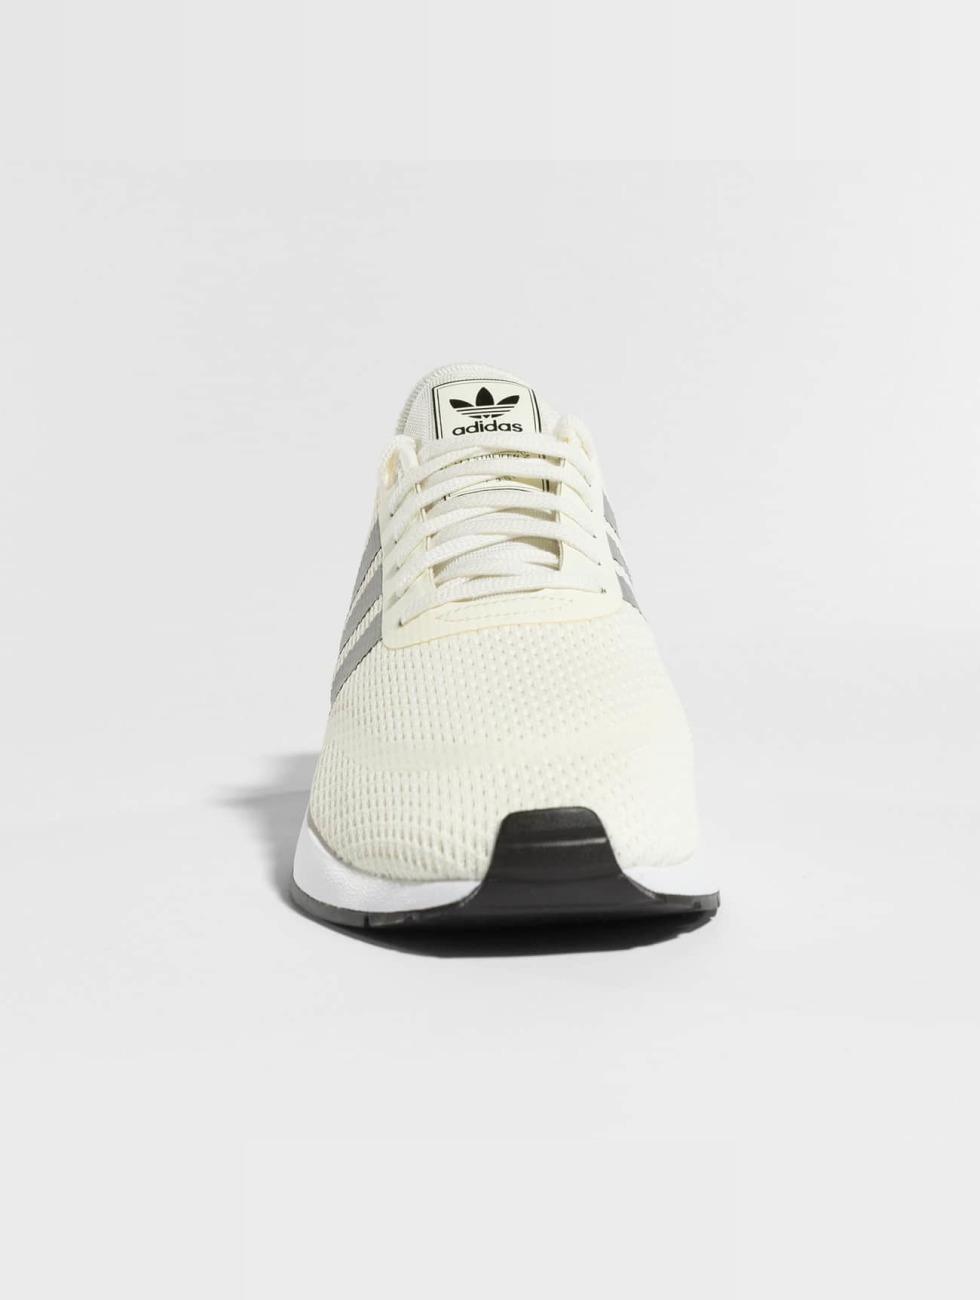 adidas originals schoen / sneaker Iniki Runner CLS in beige 397120 Klaring 100% Gegarandeerd 9vA5FNaw2k